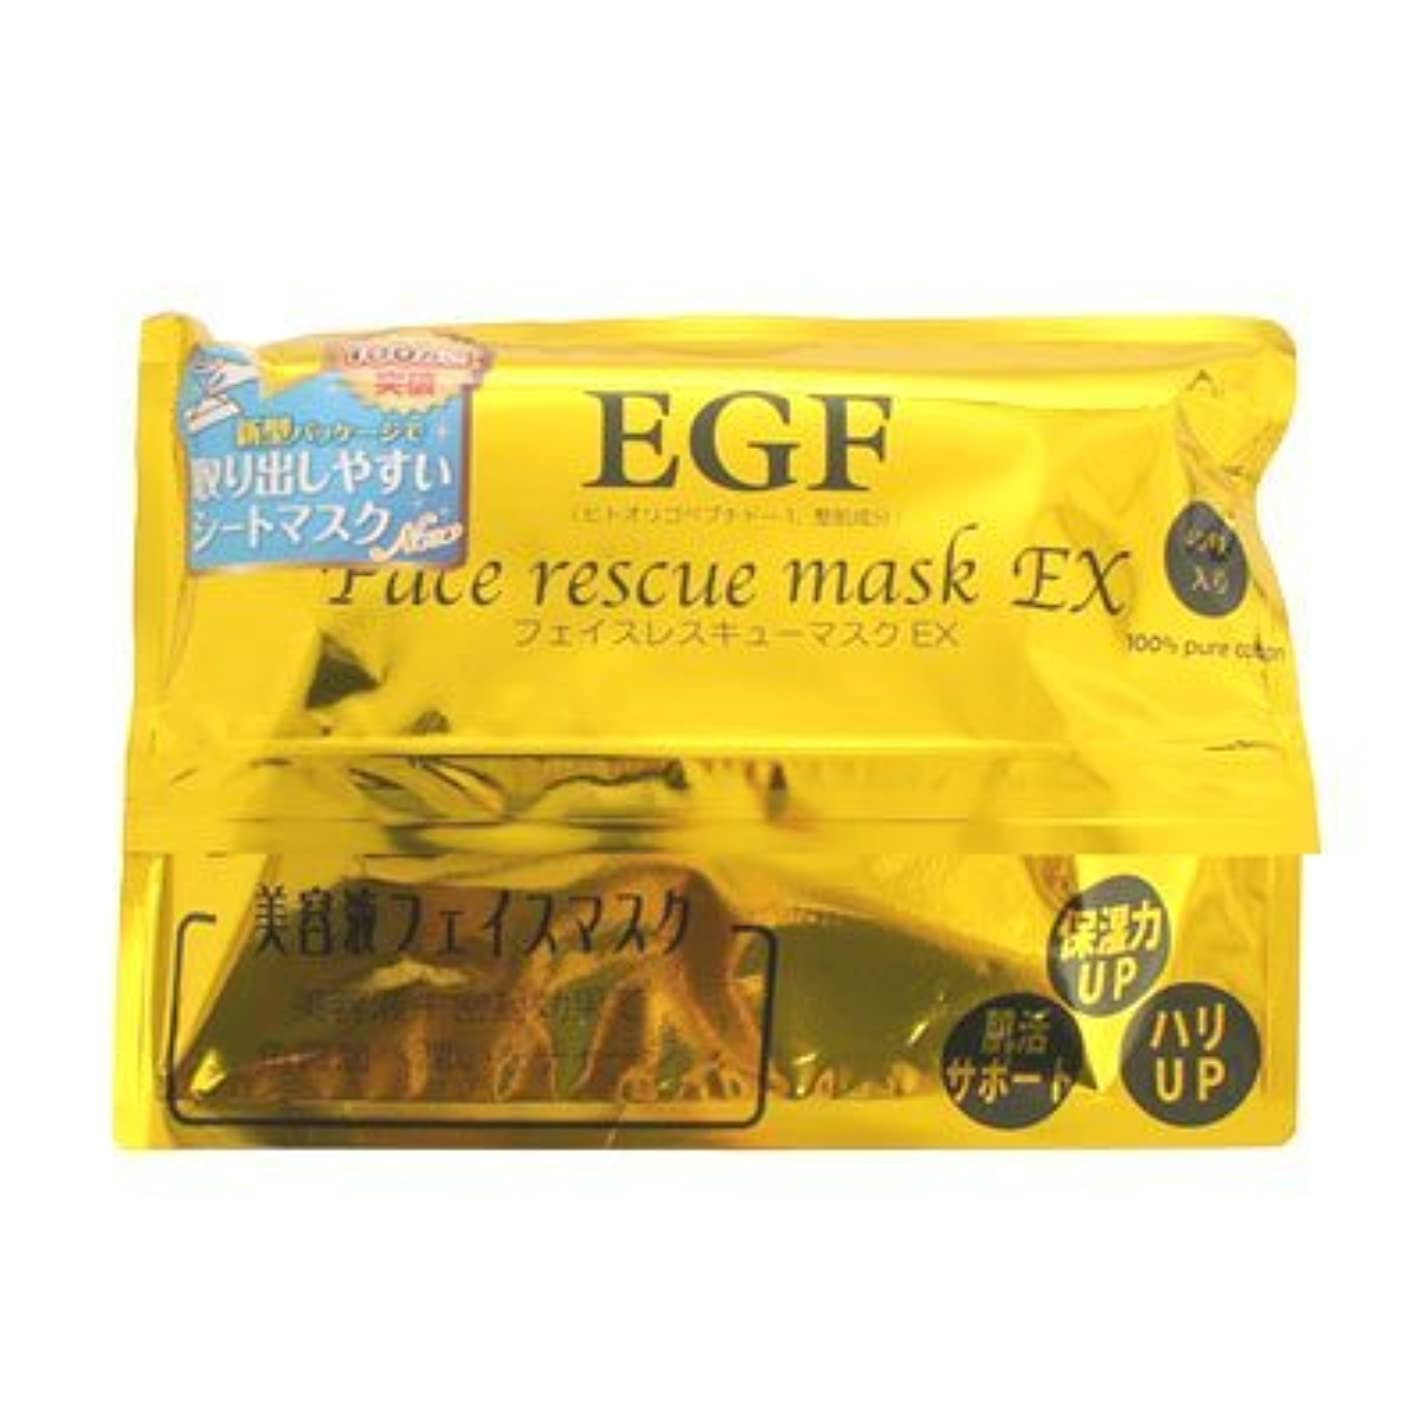 それによって肥料学者EGF フェイス レスキュー マスク EX (40枚入り)